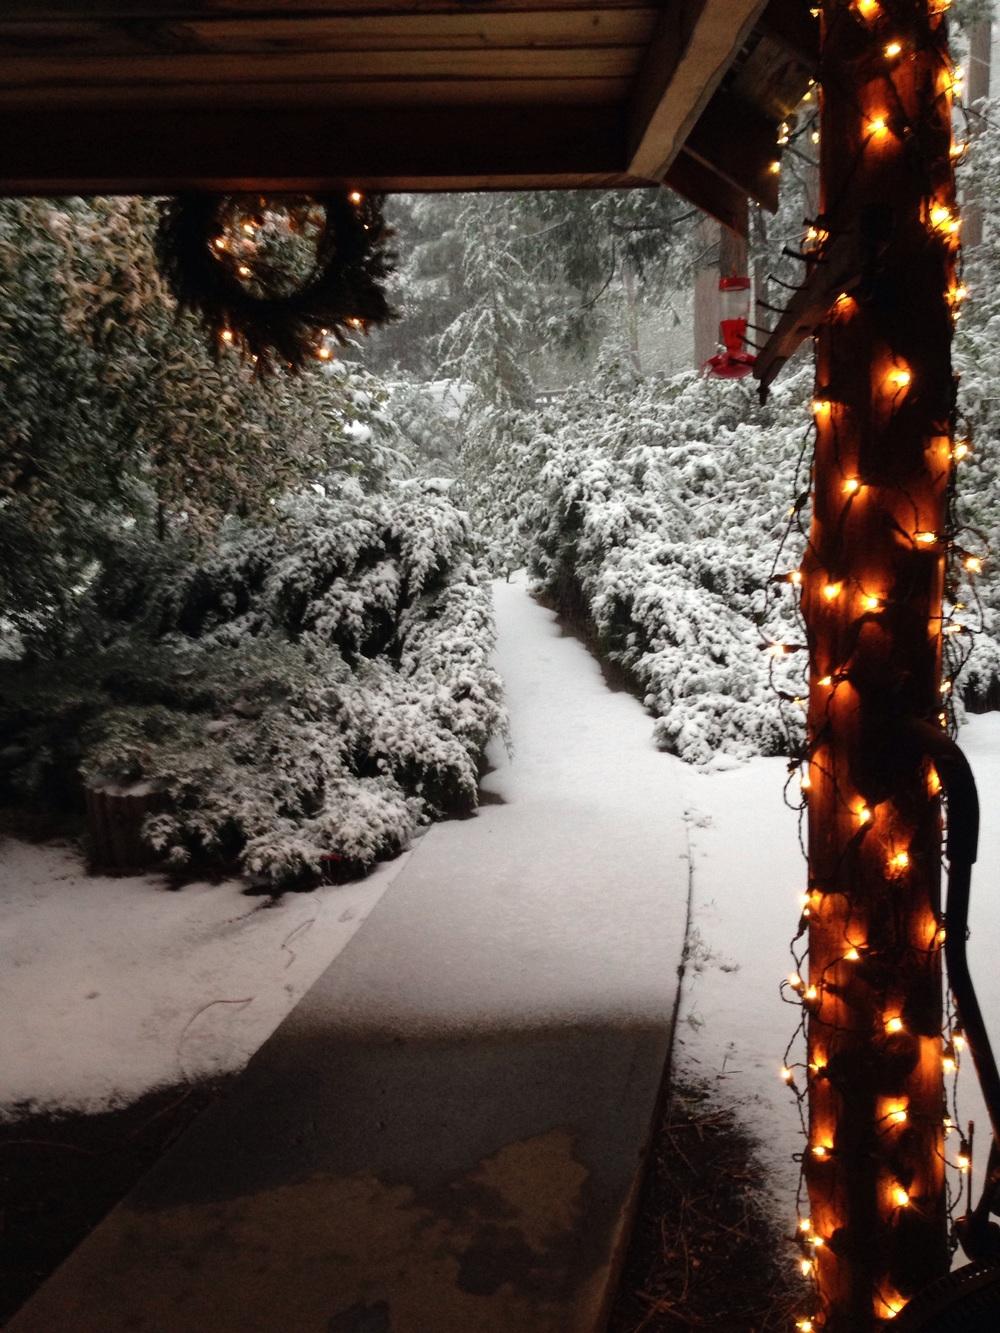 Waking to a winter wonderland.